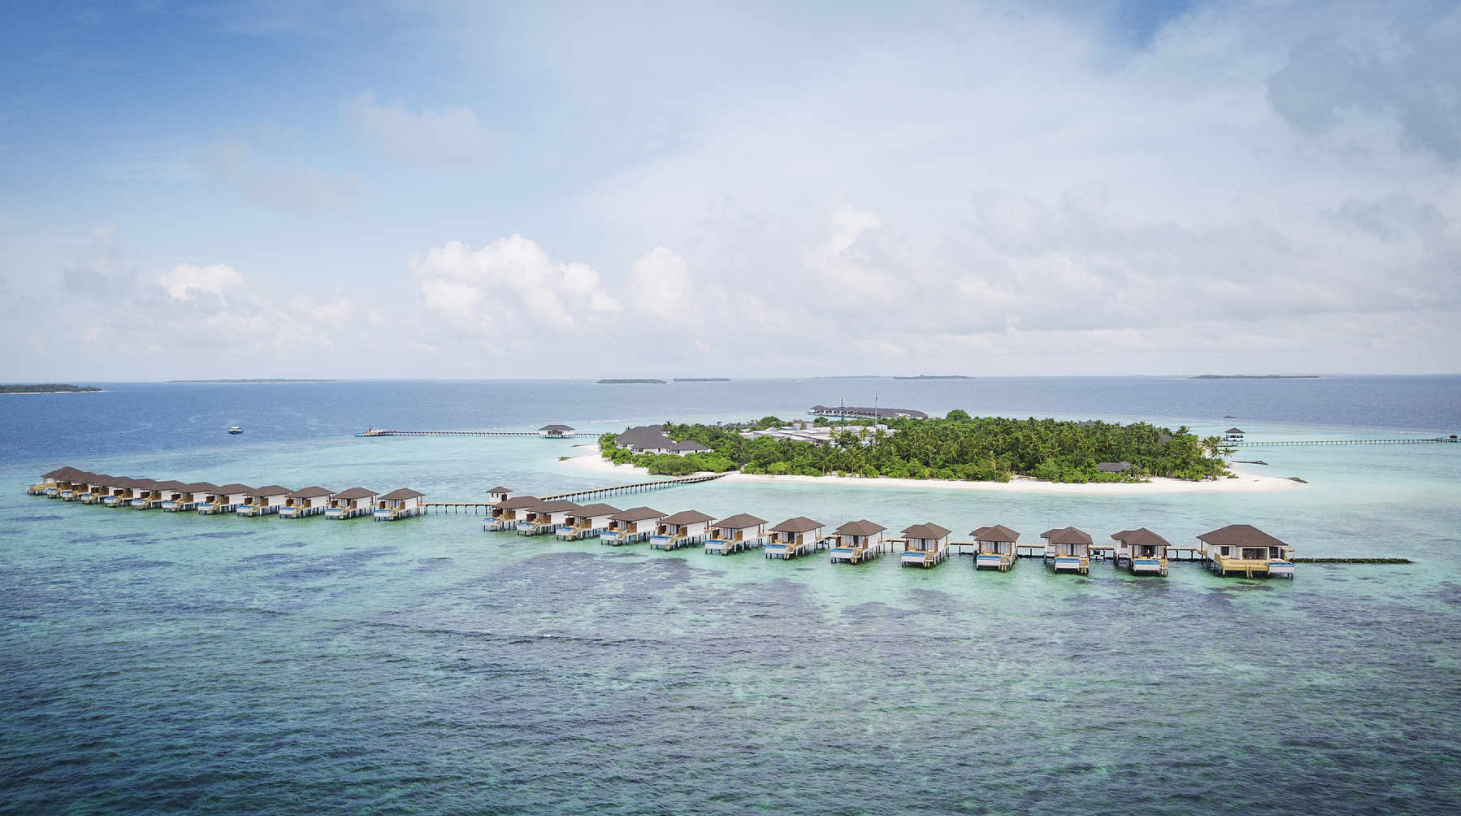 新鲁滨逊诺鲁岛|努努岛 Robinson Club Noonu 鸟瞰地图birdview map清晰版 马尔代夫